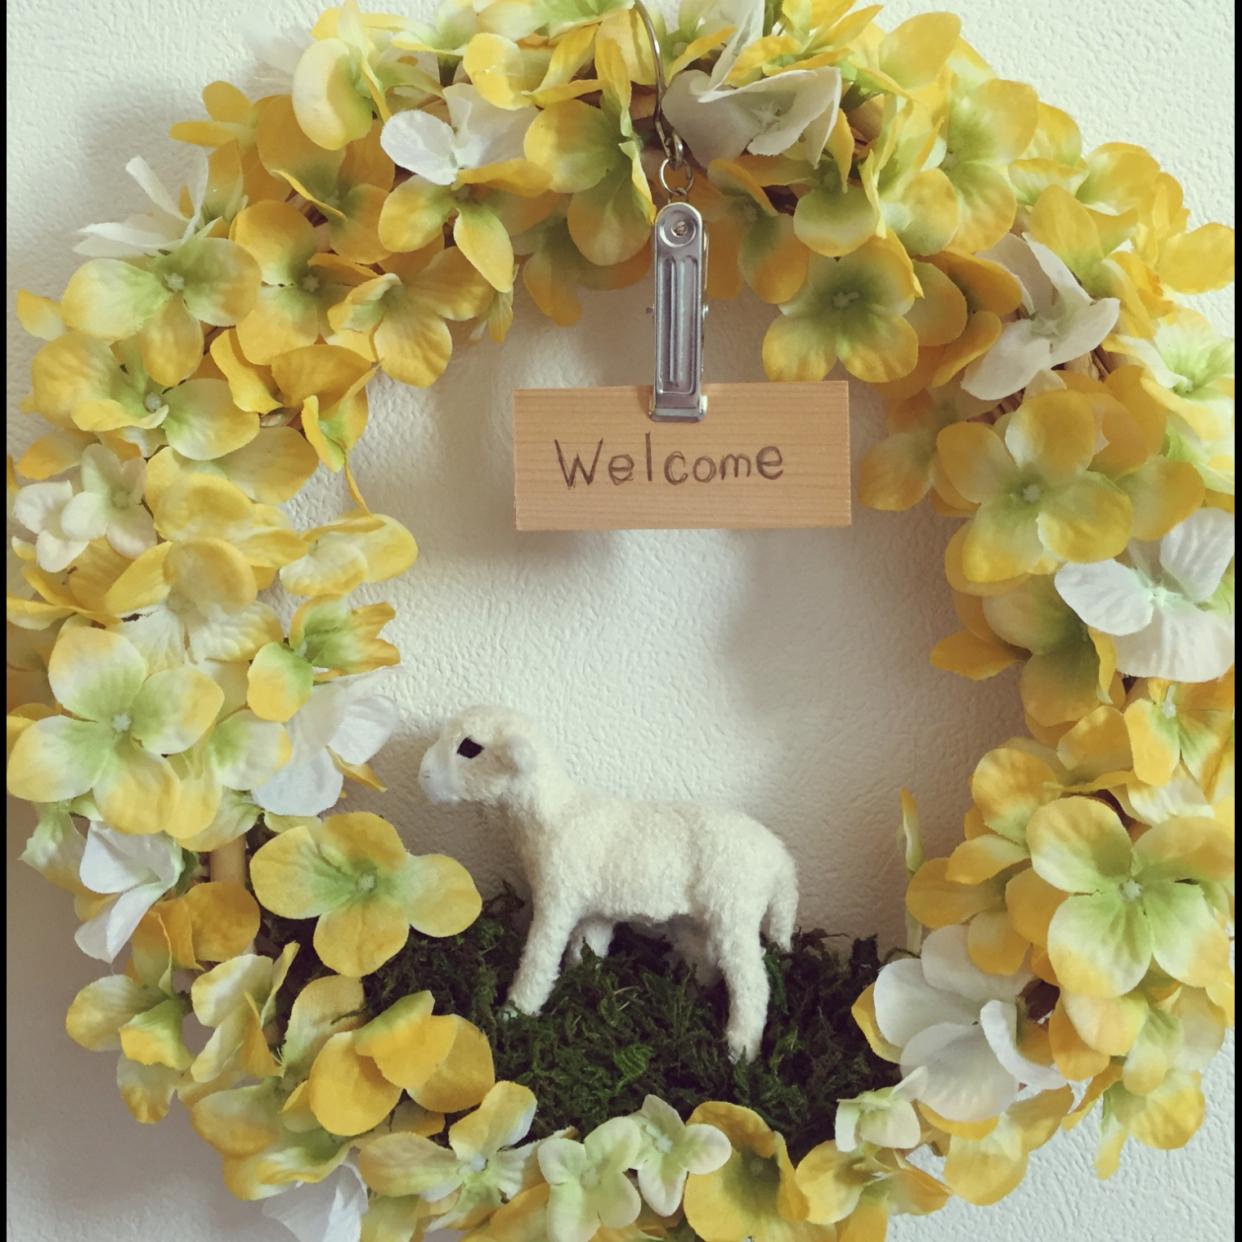 100均の造花や木の実を使って、玄関先をリースで飾ろう!